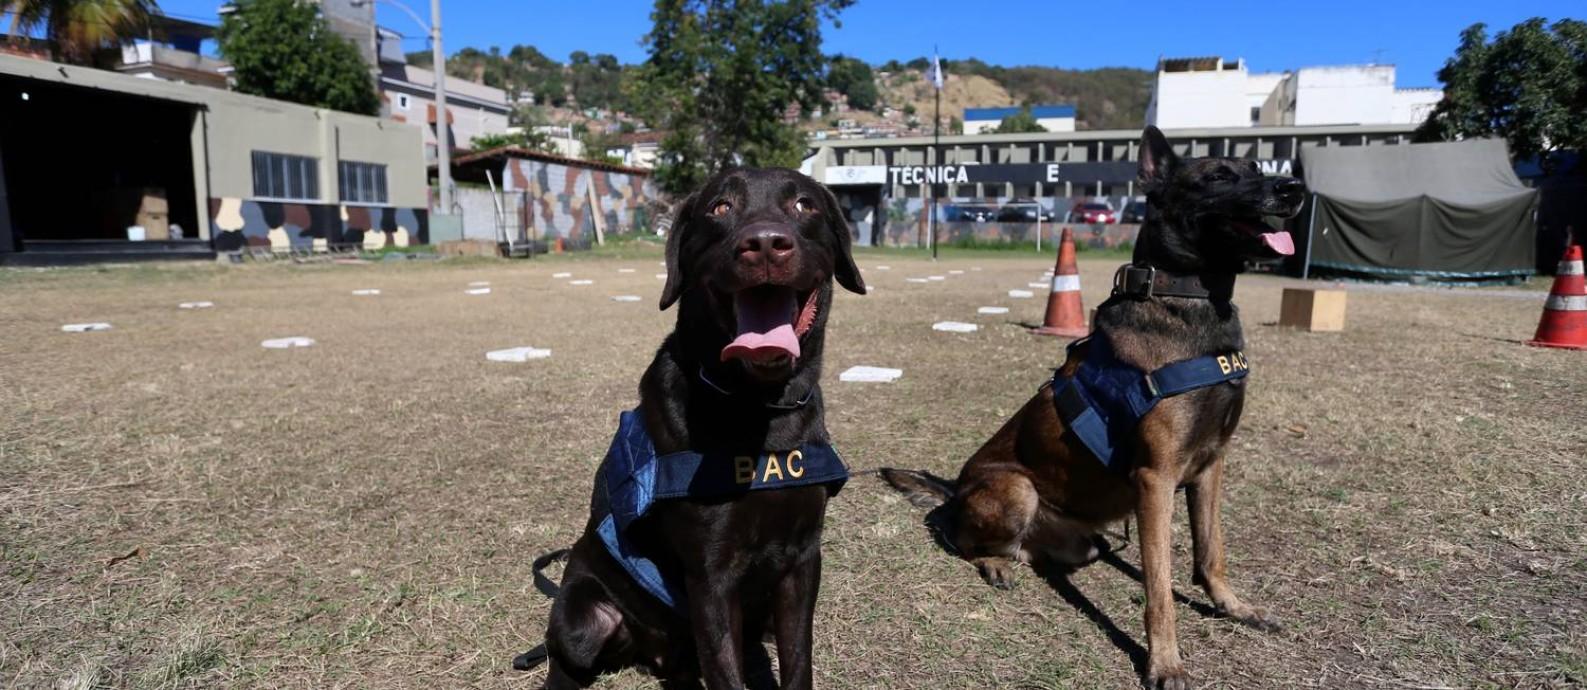 Os cães Fighter e Eros, do BAC (Batalhão de Operação com Cães) que encontraram 8,5 toneladas de drogas , 31 armas , das quais 23 eram fuzis , e 75 granadas , além de munição. Foto: FABIANO ROCHA / Agência O Globo